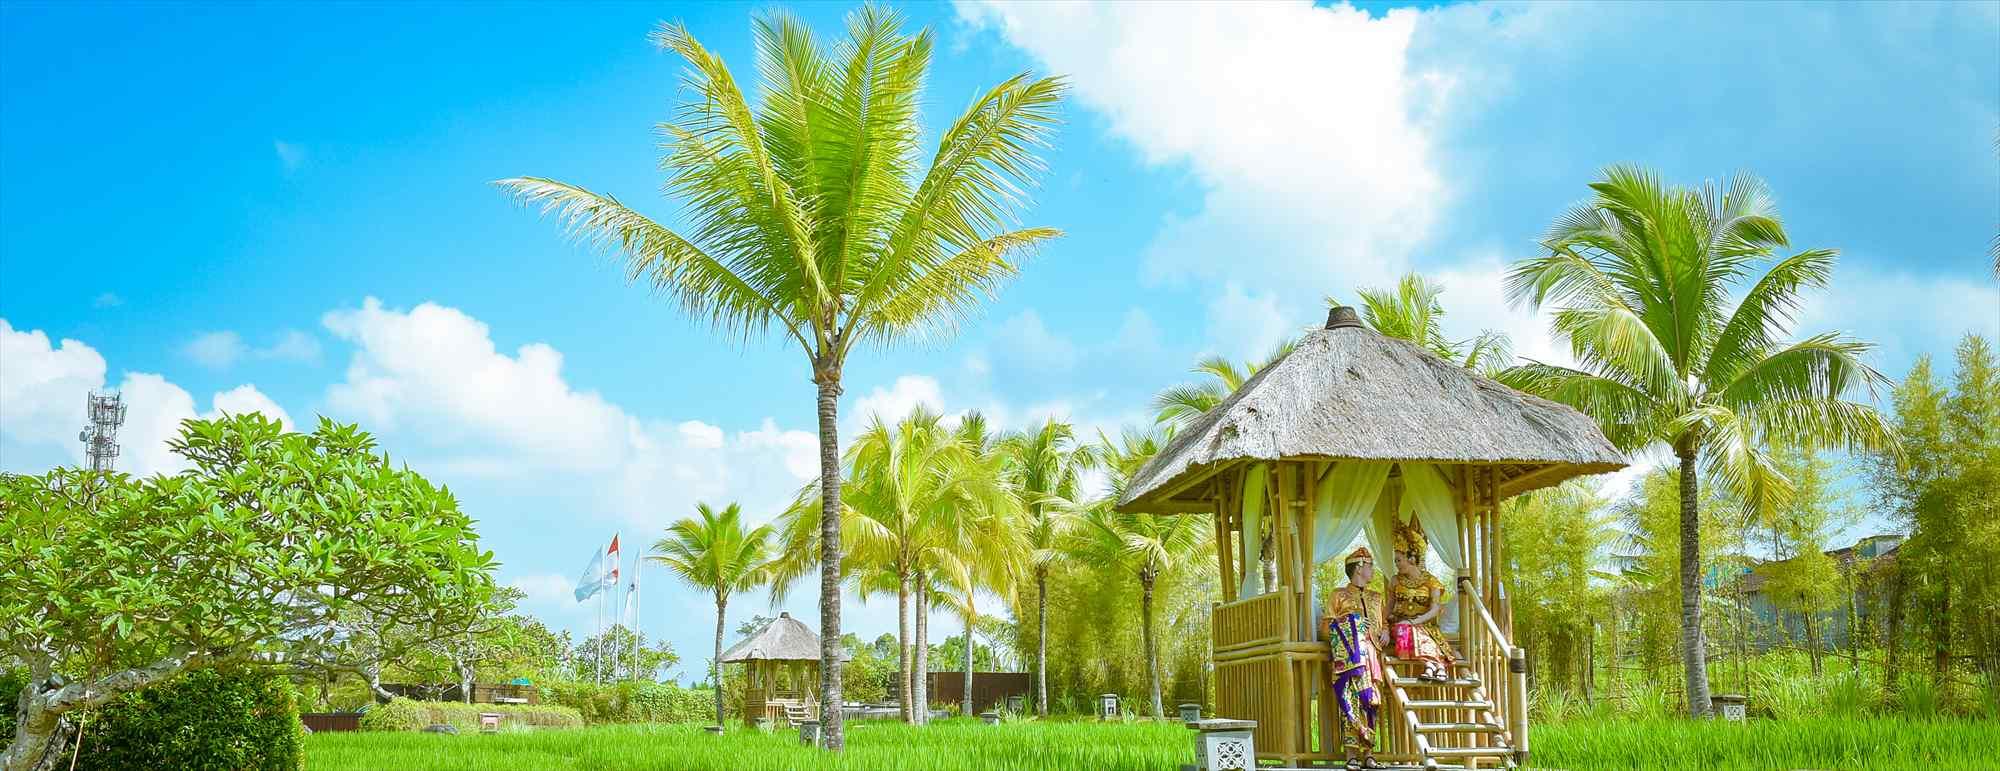 バリ島ウブド・フォトウェディング Kamandalu Ubud カマンダル・ウブド